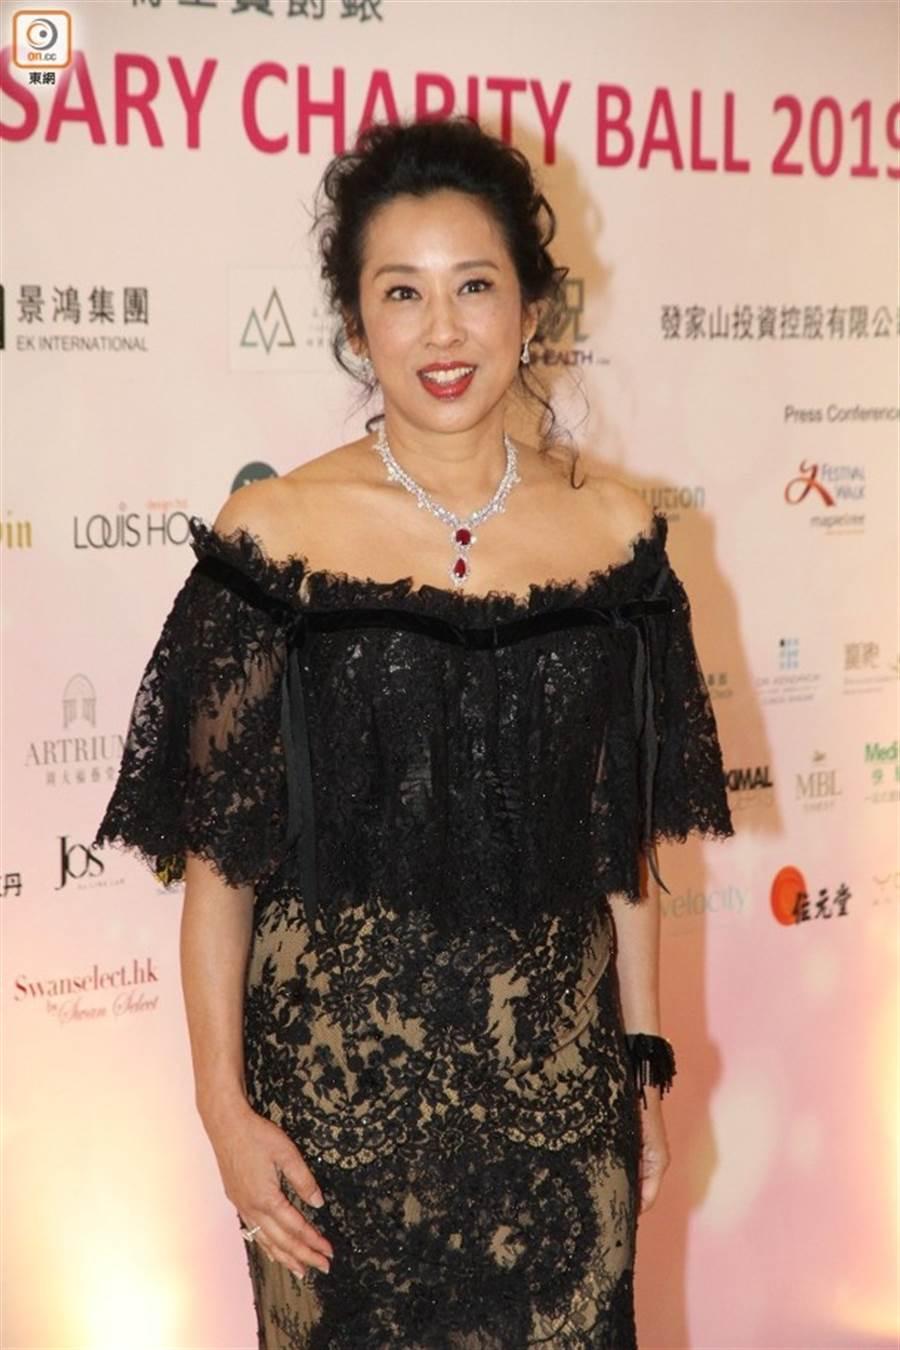 朱玲玲被譽為最美港姐,61歲仍保養得宜。(圖/翻攝自東網)